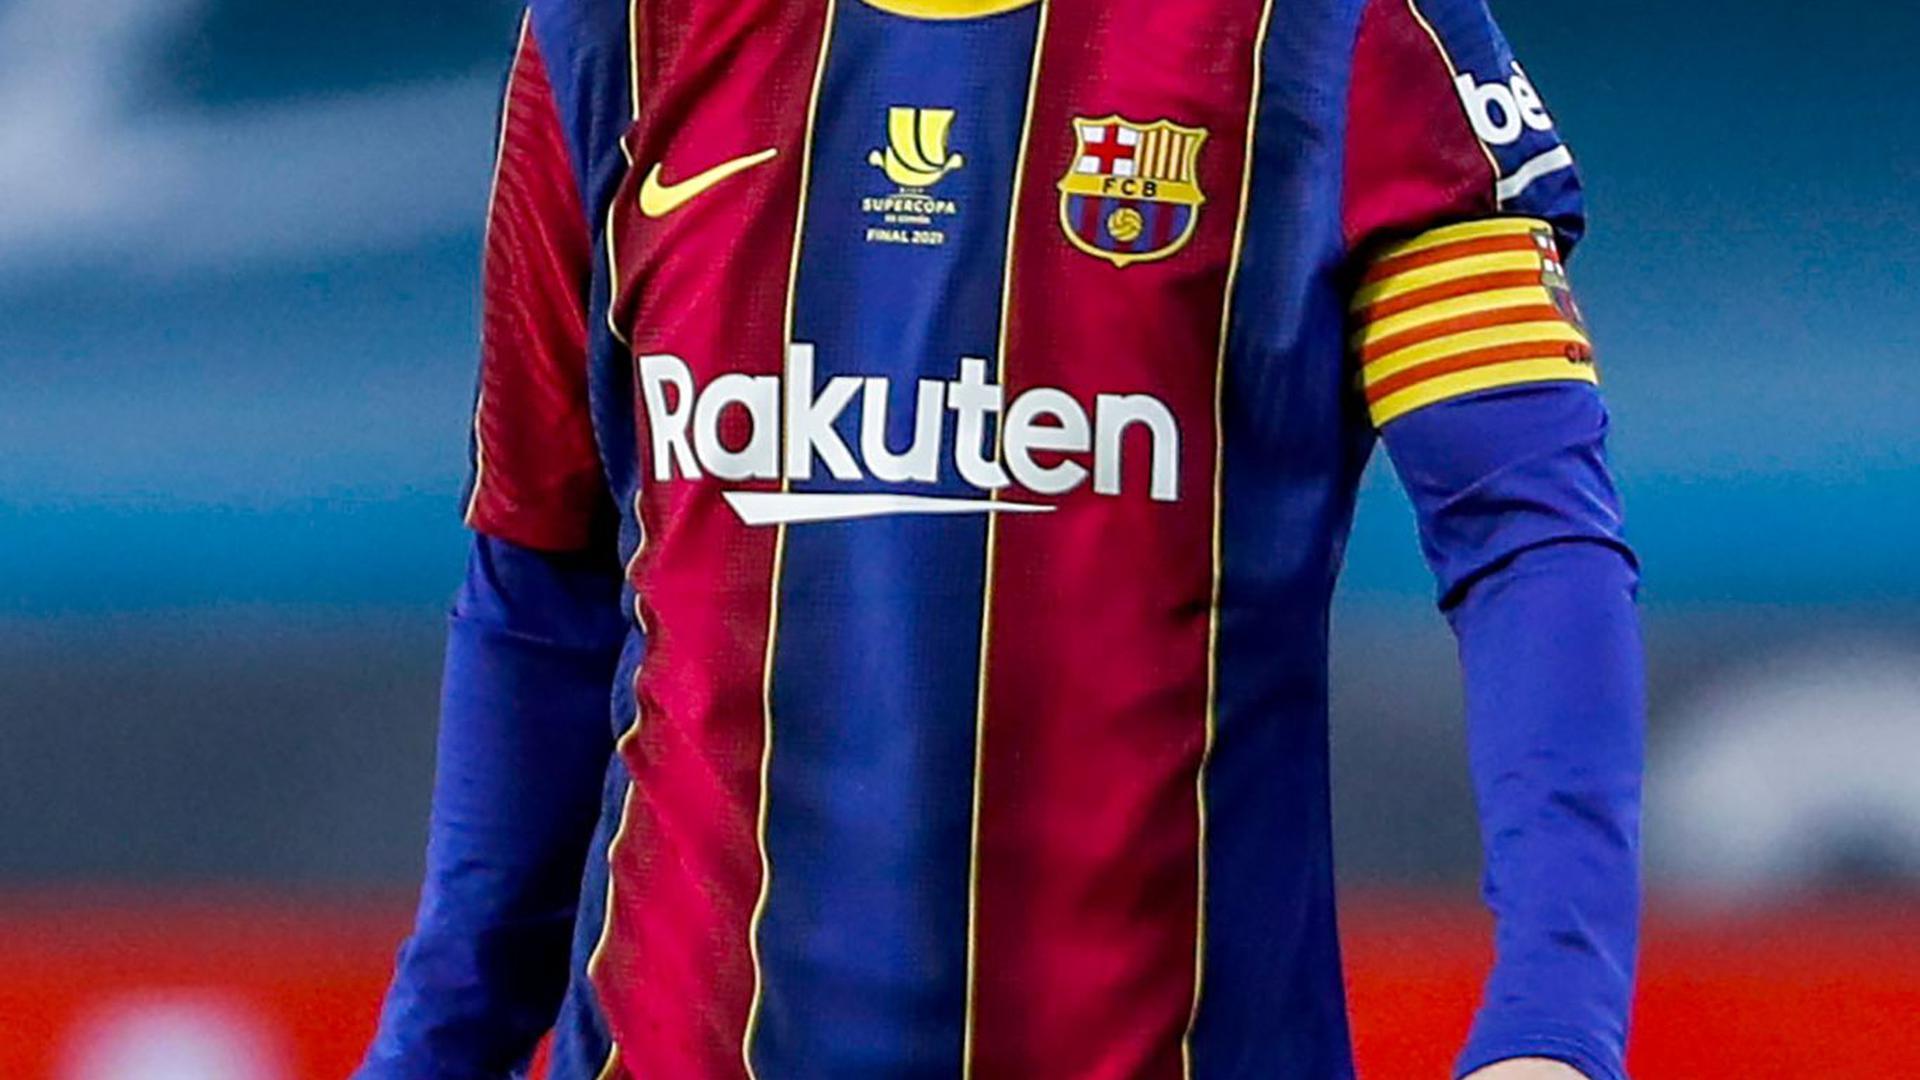 Zunächst gibt es keine Mitteilung über eine Vertragsverlängerung von Lionel Messi beim FC Barcelona.